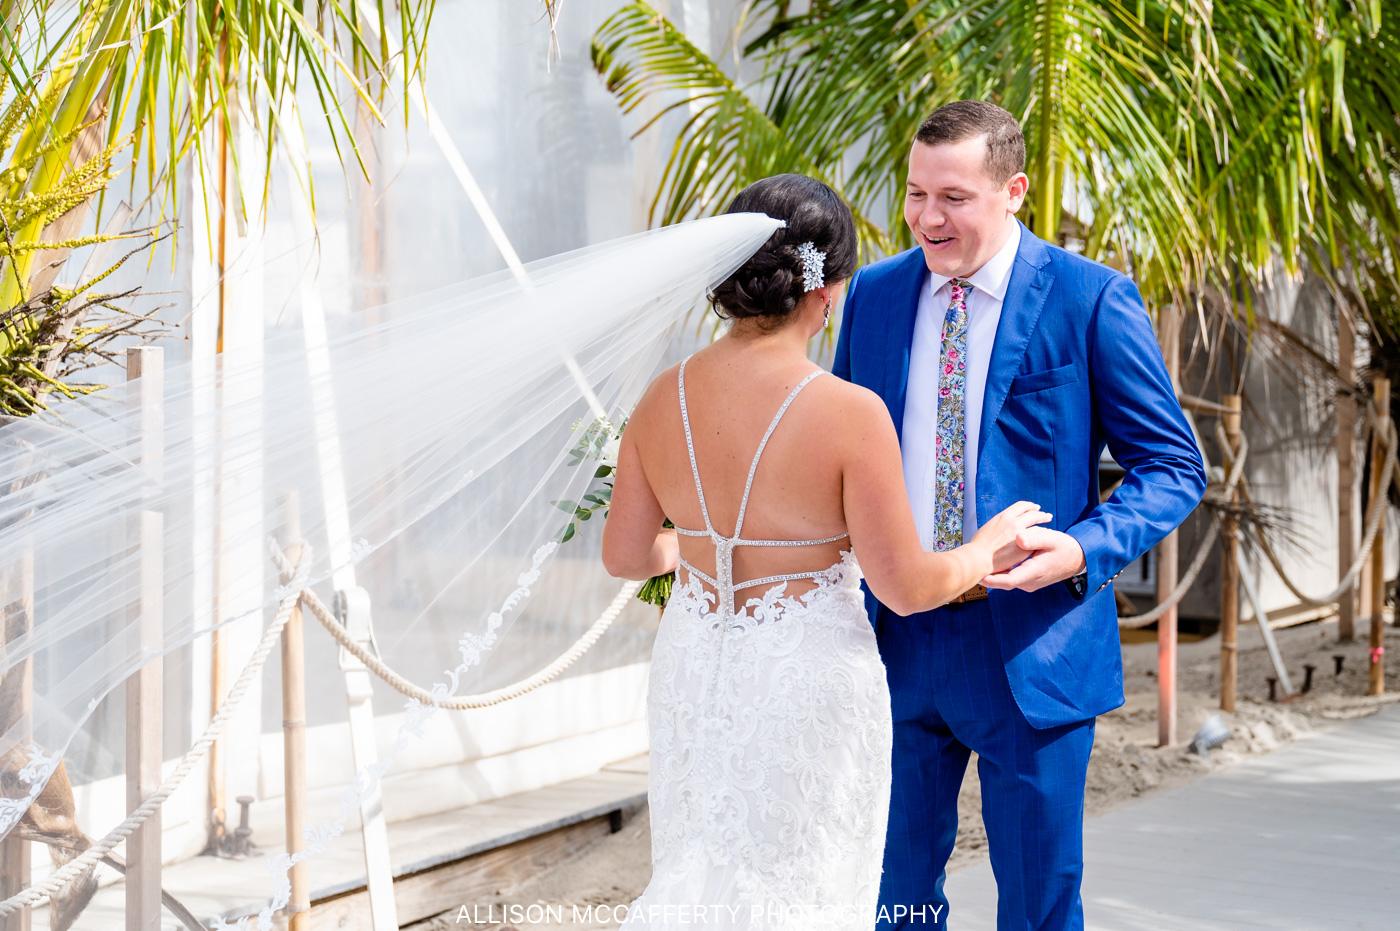 ICONA Diamond Beach Wedding Price